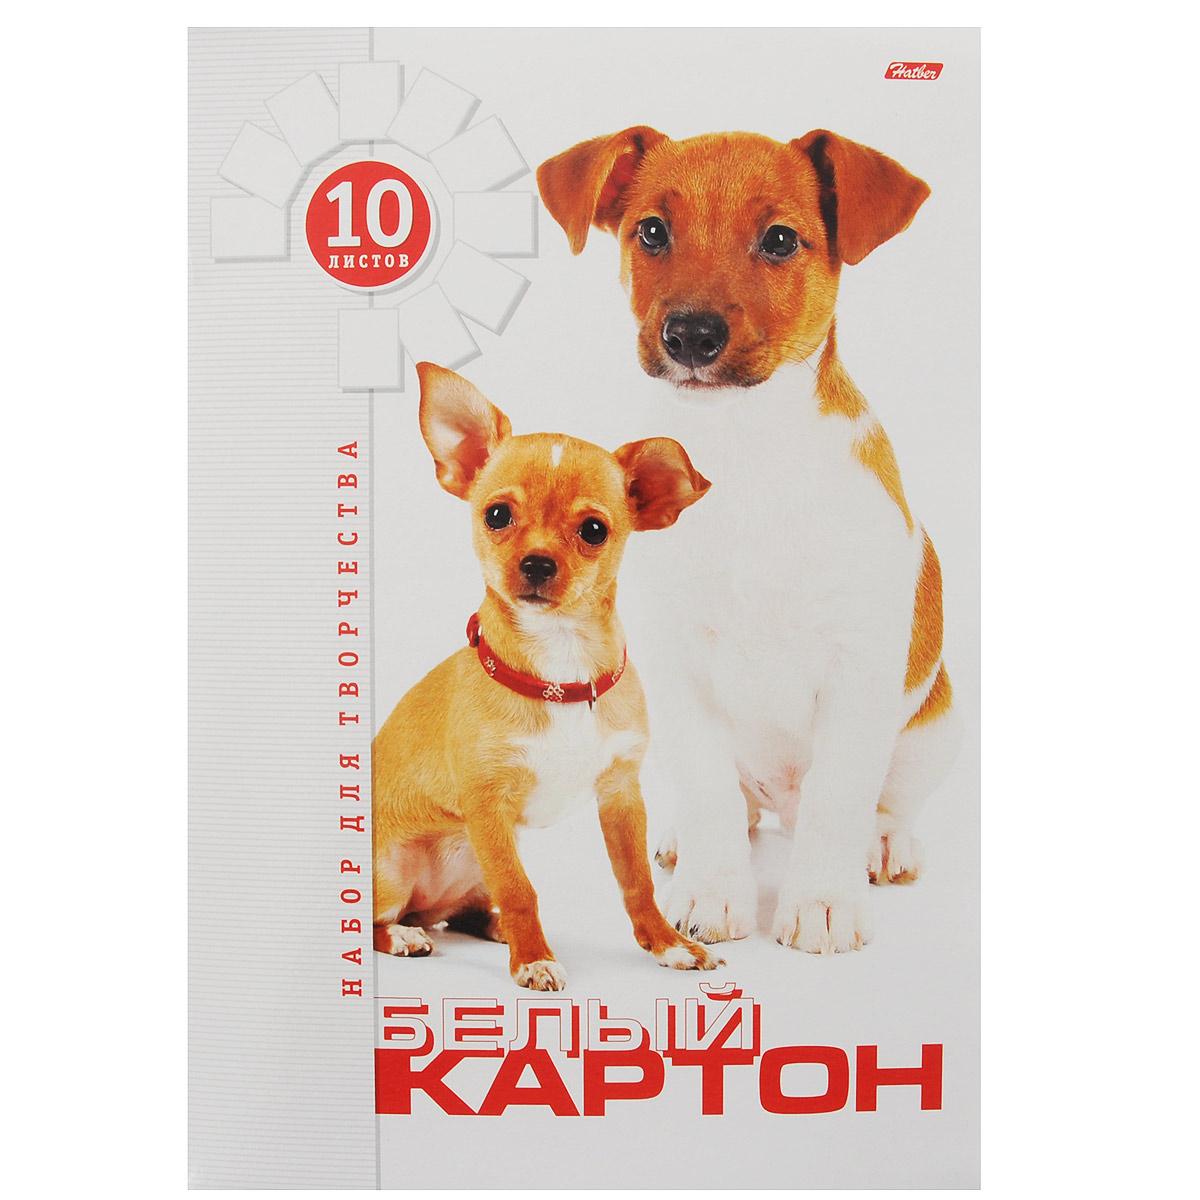 Картон Hatber Два щенка, цвет: белый, 10 листов10Кб4_05284Картон Hatber Два щенка позволит вашему ребенку создавать всевозможные аппликации и поделки. Набор состоит из десяти листов картона белого цвета с полуглянцевым покрытием формата А4. Картон упакован в оригинальную картонную папку, оформленную изображением двух щенков. На внутренней стороне обложки расположена раскраска в виде доброго щенка. Создание поделок из картона поможет ребенку в развитии творческих способностей, кроме того, это увлекательный досуг. Рекомендуемый возраст от 6 лет.